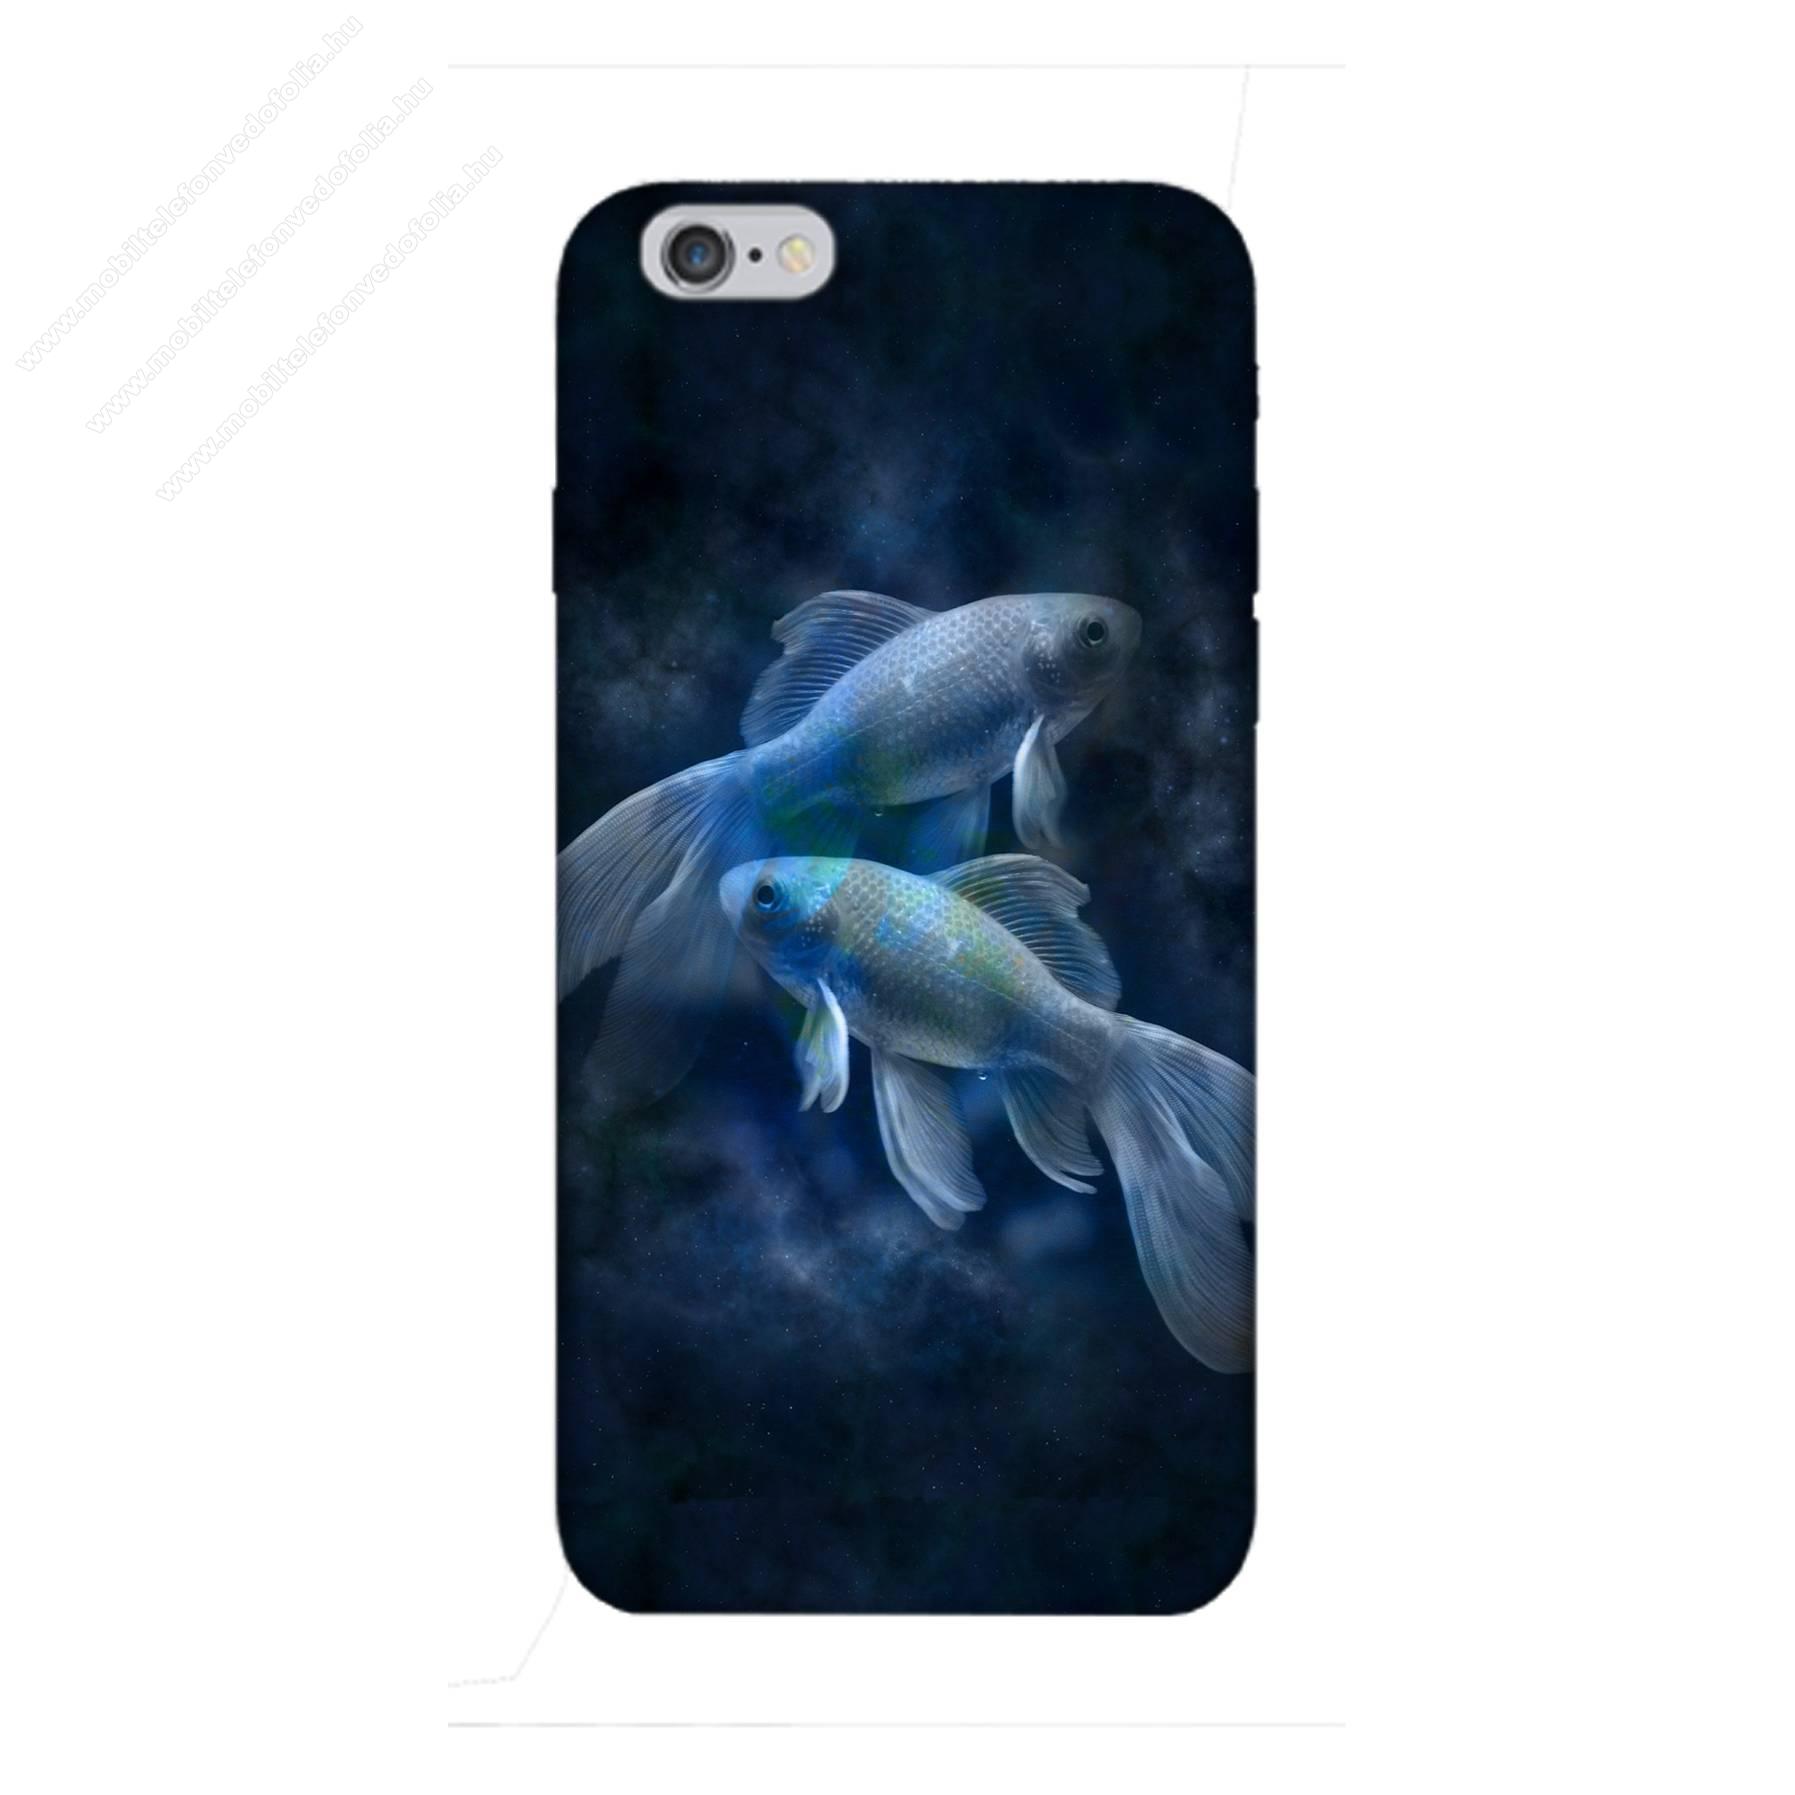 E-pic szilikon védő tok / hátlap - Horoszkóp, Halak mintás - APPLE iPhone 6 Plus / APPLE iPhone 6s Plus